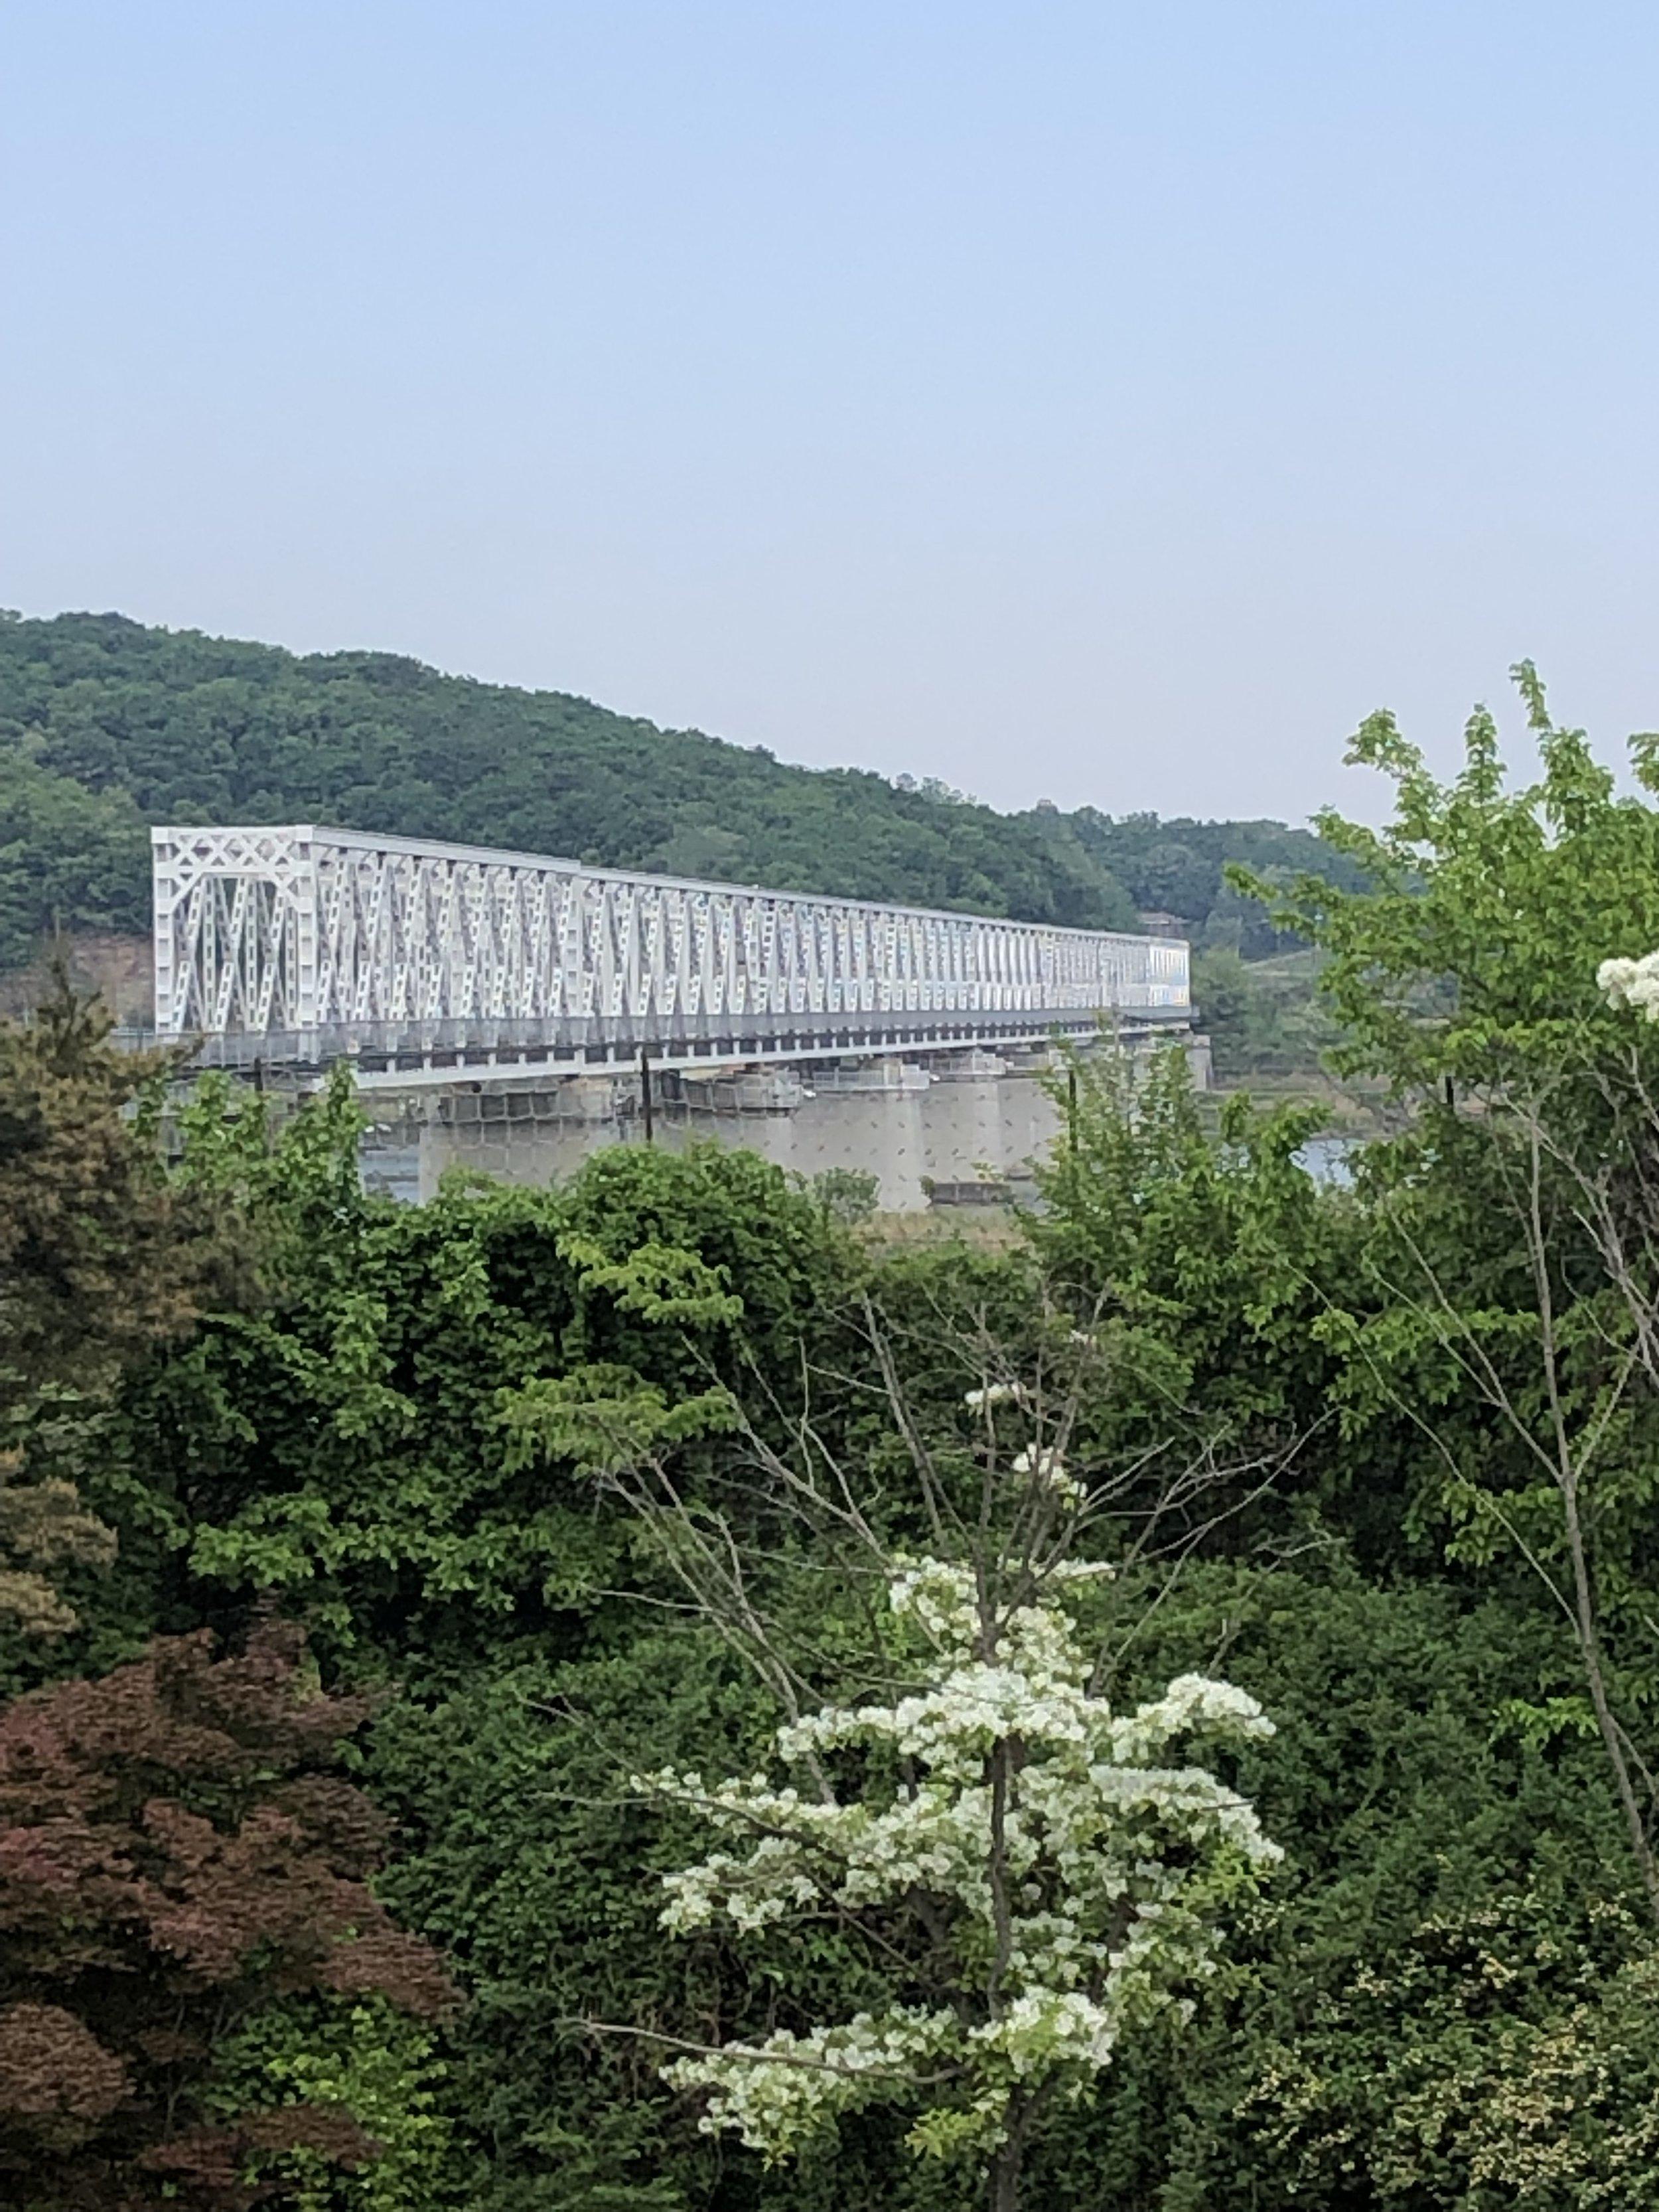 The new bridge to the North (DMZ)